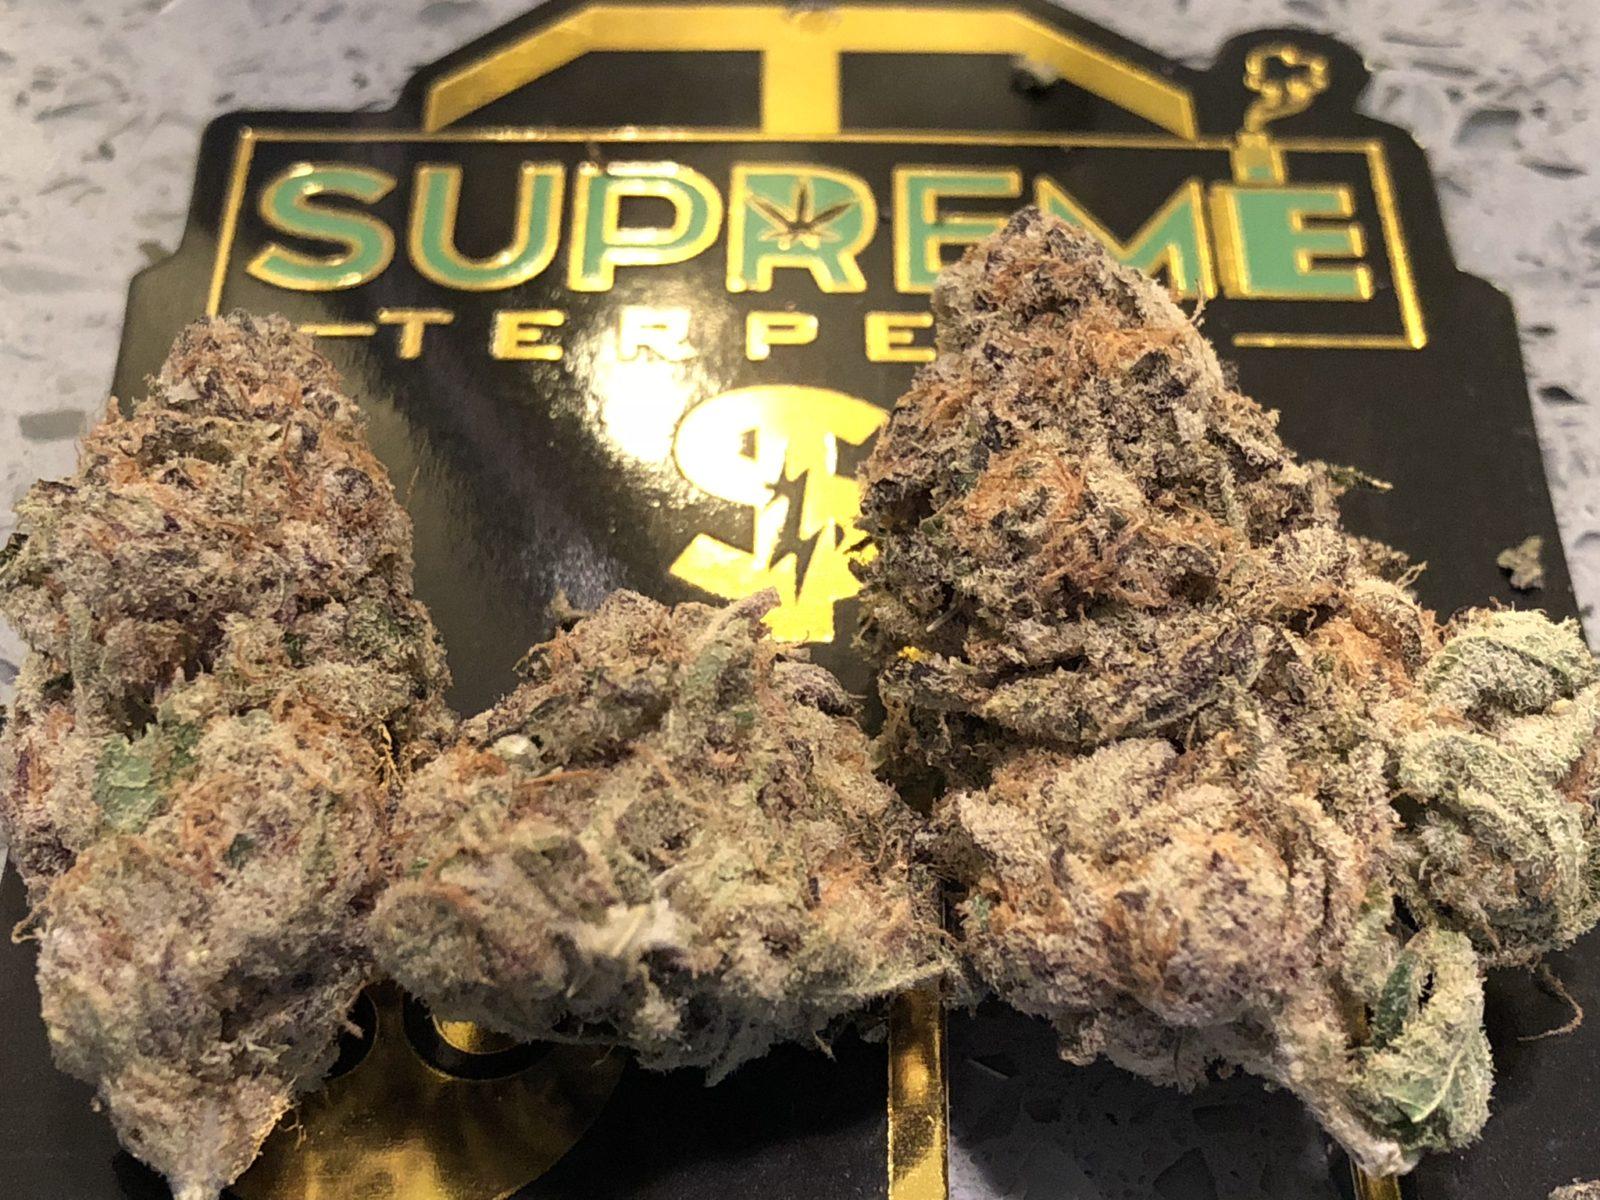 Supreme Terpene